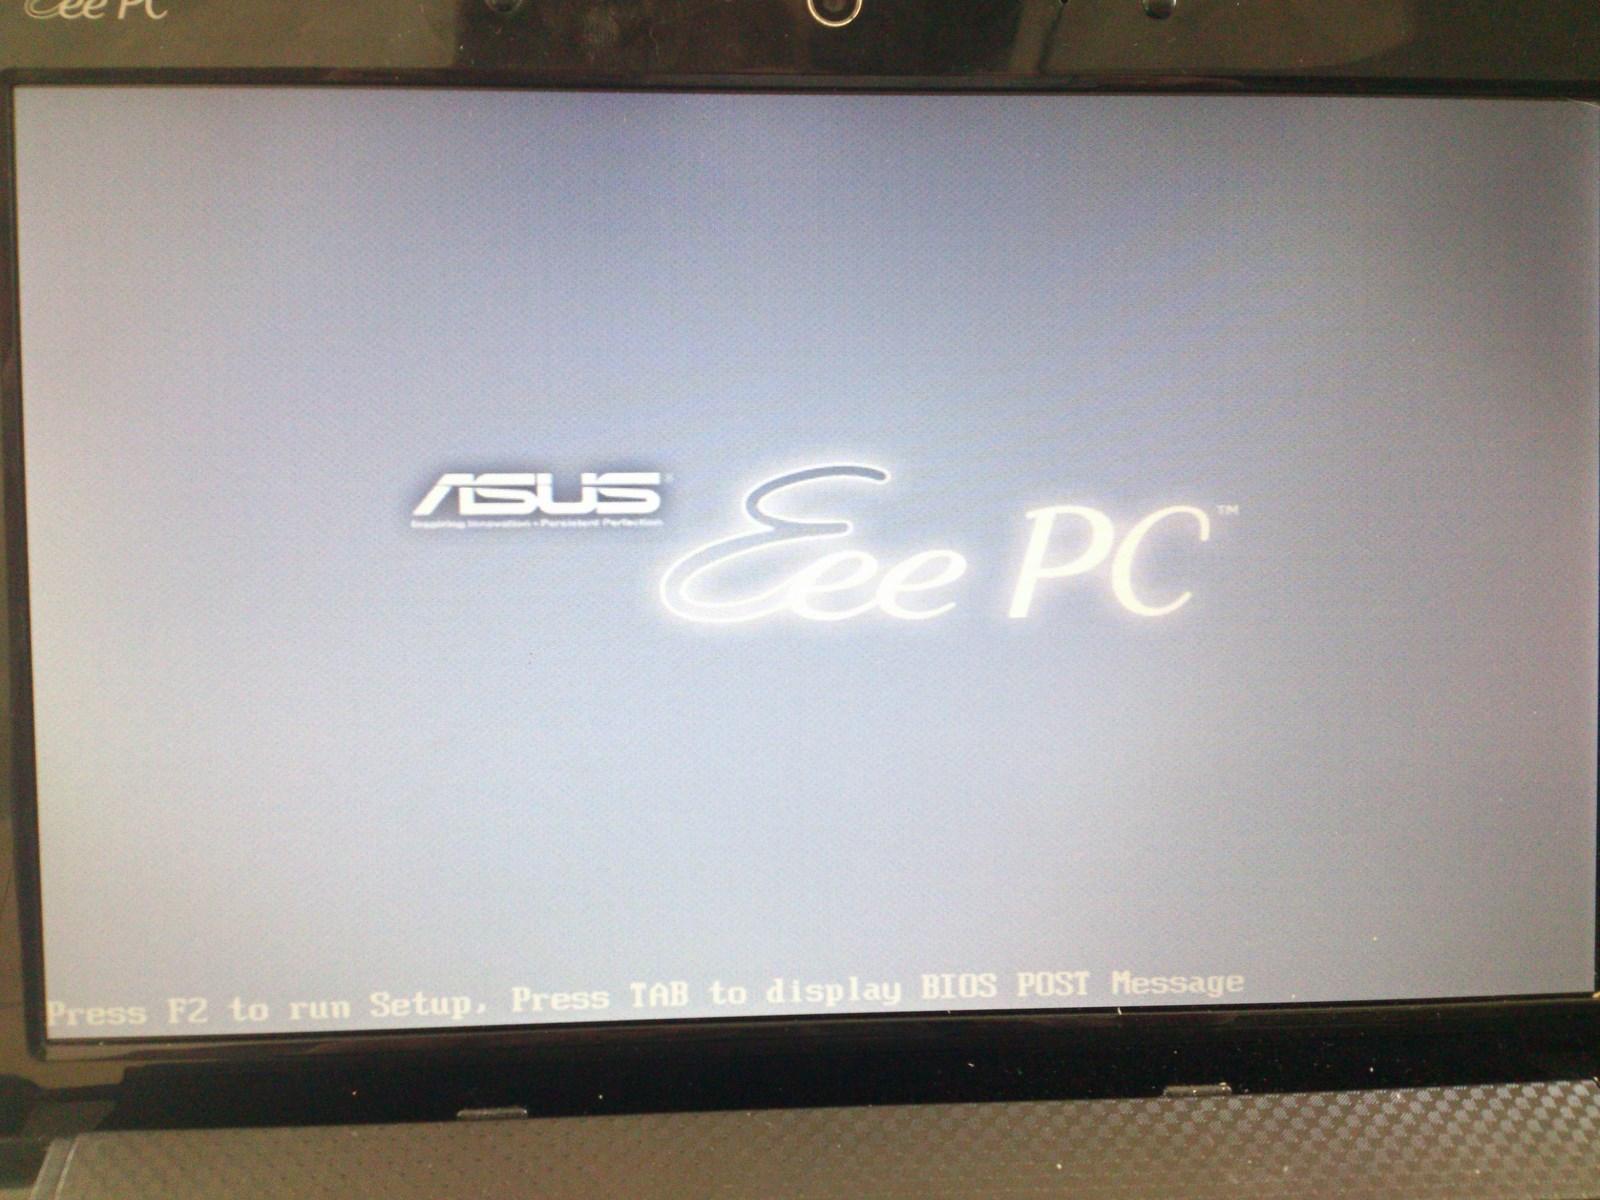 Eee PC 1001 HA - Netbook sie nie uruchamia